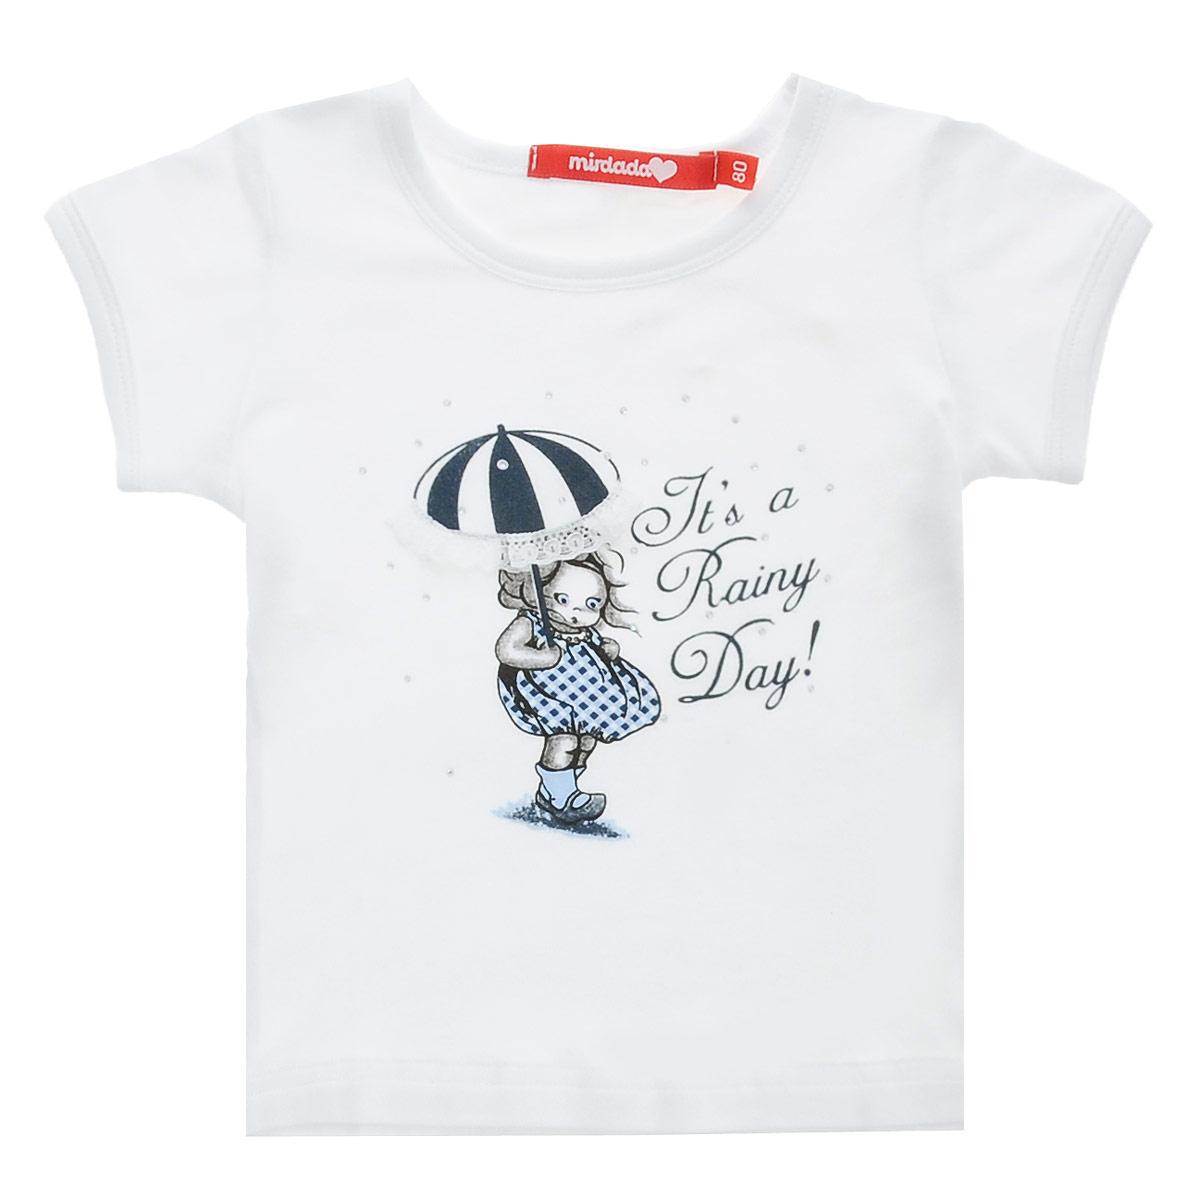 Футболка для девочки Mirdada Rainy, цвет: белый. 10-31. Размер 9810-31Оригинальная футболка для девочки Mirdada Rainy идеально подойдет вашей маленькой принцессе. Изготовленная из эластичного хлопка, она необычайно мягкая и приятная на ощупь, не сковывает движения малышки и позволяет коже дышать, не раздражает даже самую нежную и чувствительную кожу ребенка, обеспечивая ему наибольший комфорт. Футболка с короткими рукавами и круглым вырезом горловины спереди оформлена оригинальным рисунком девочки с зонтиком, декорированным россыпью страз, и надписью Its a Rainy Day!.Оригинальный современный дизайн и модная расцветка делают эту футболку модным и стильным предметом детского гардероба. В ней ваша малышка будет чувствовать себя уютно и комфортно, и всегда будет в центре внимания!